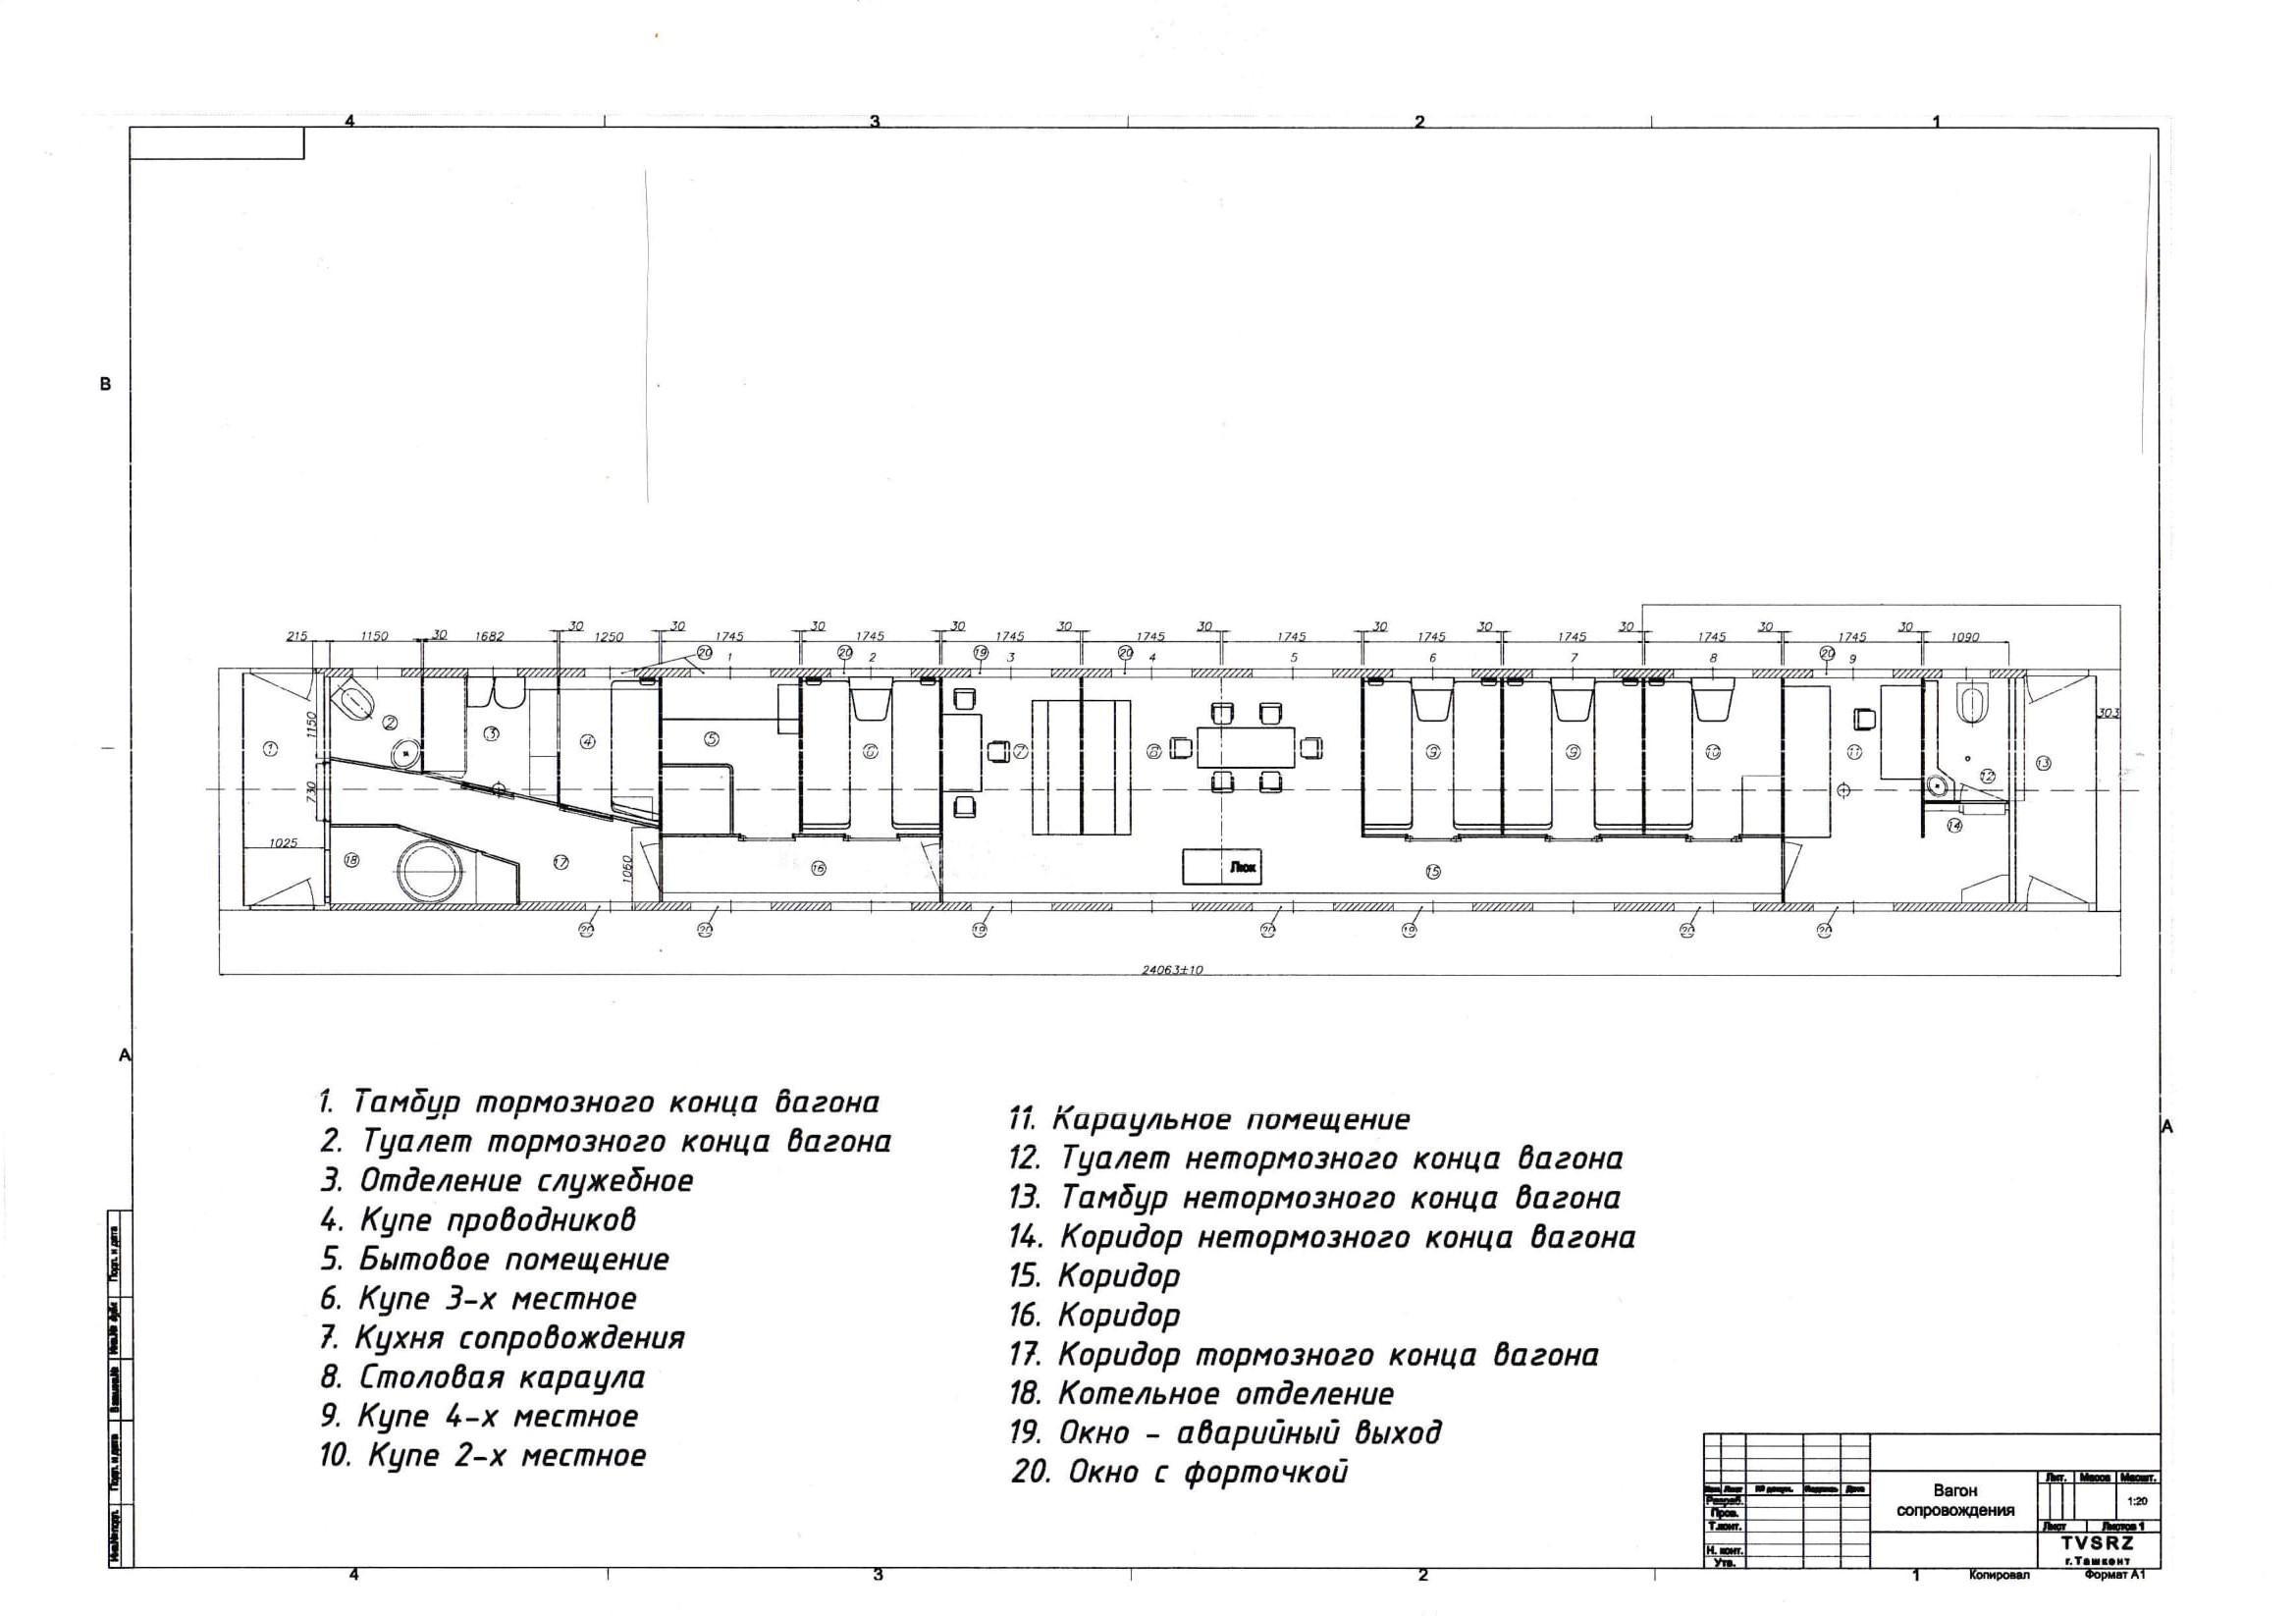 Планировка-ТВСРЗ-61-934